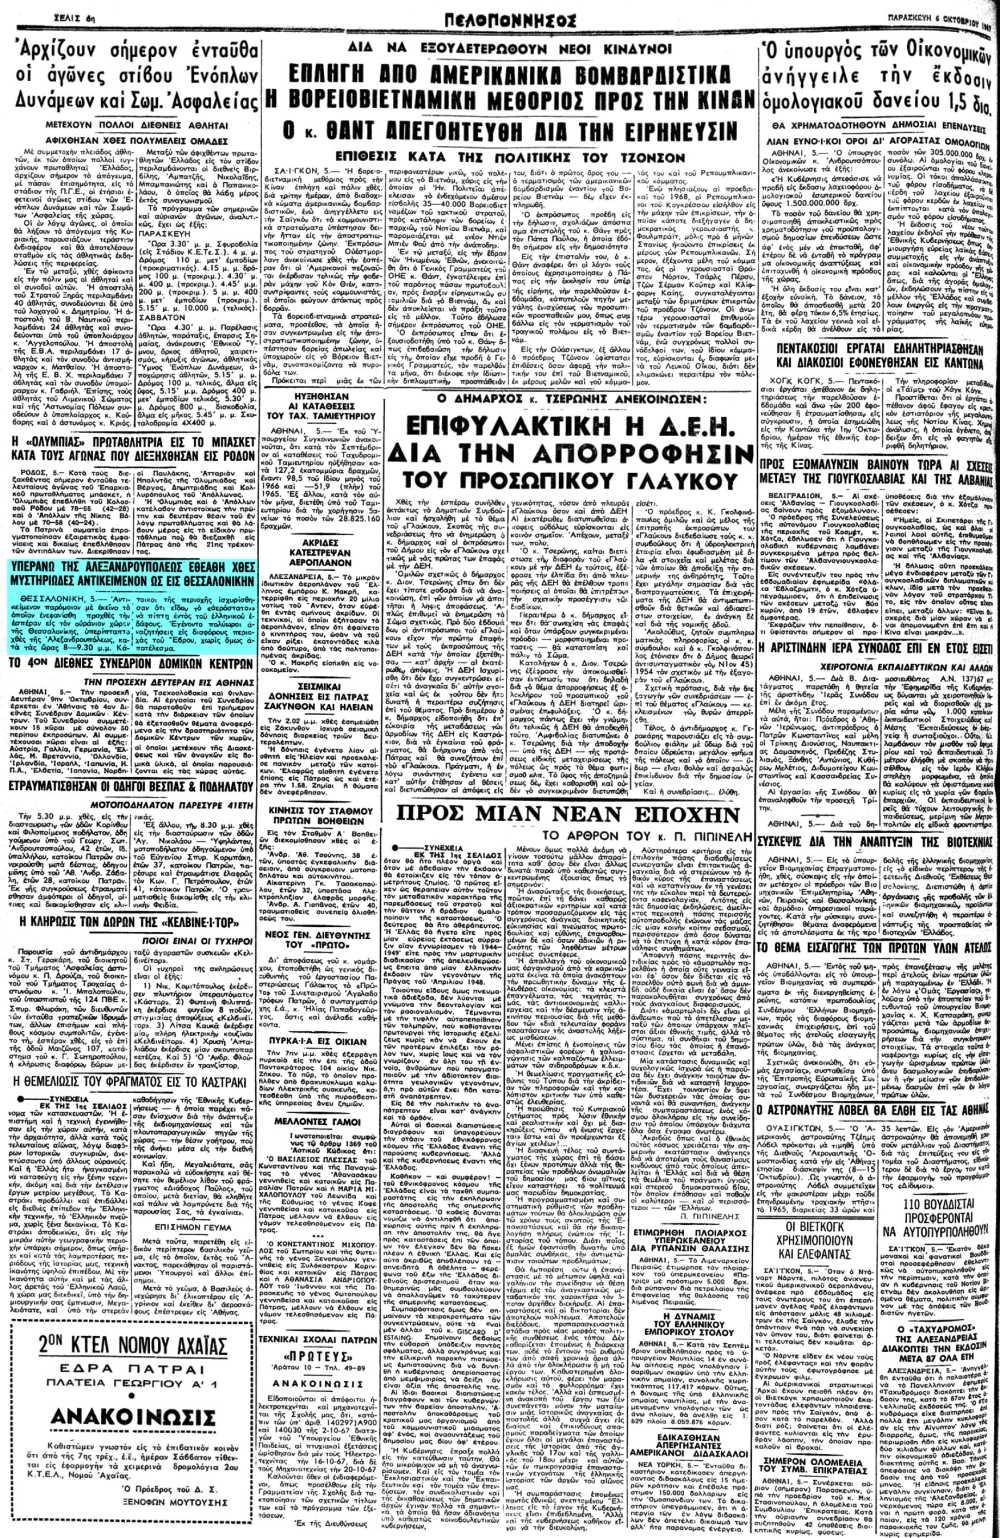 """Το άρθρο, όπως δημοσιεύθηκε στην εφημερίδα """"ΠΕΛΟΠΟΝΝΗΣΟΣ"""", στις 06/10/1967"""